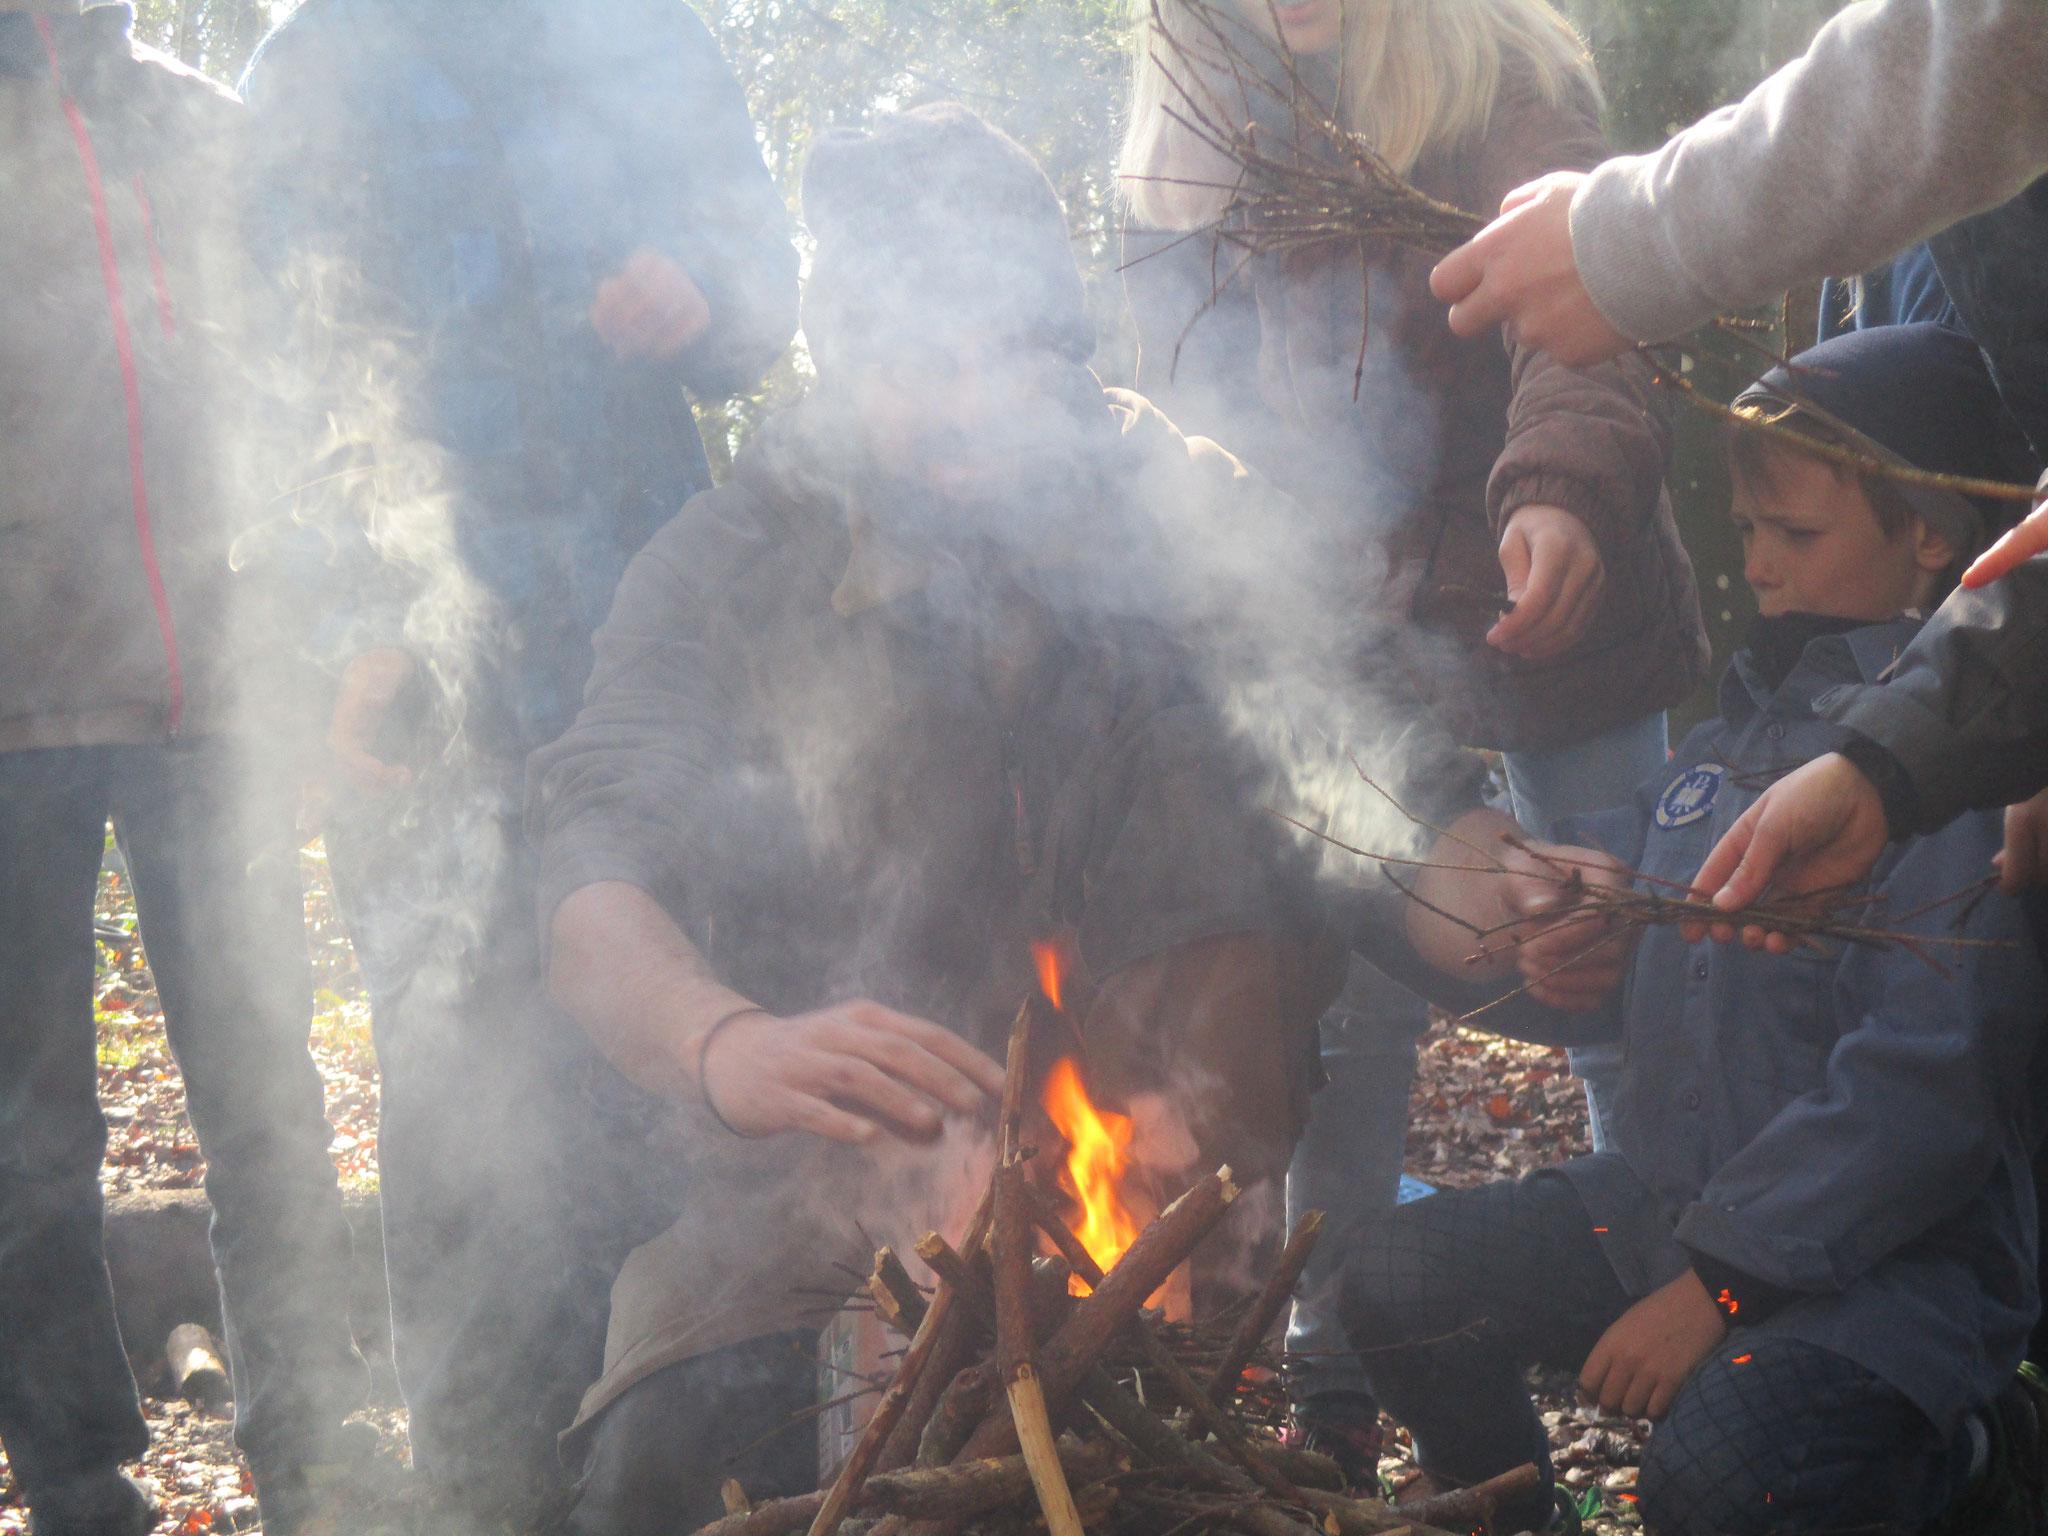 Feuerungsmethoden